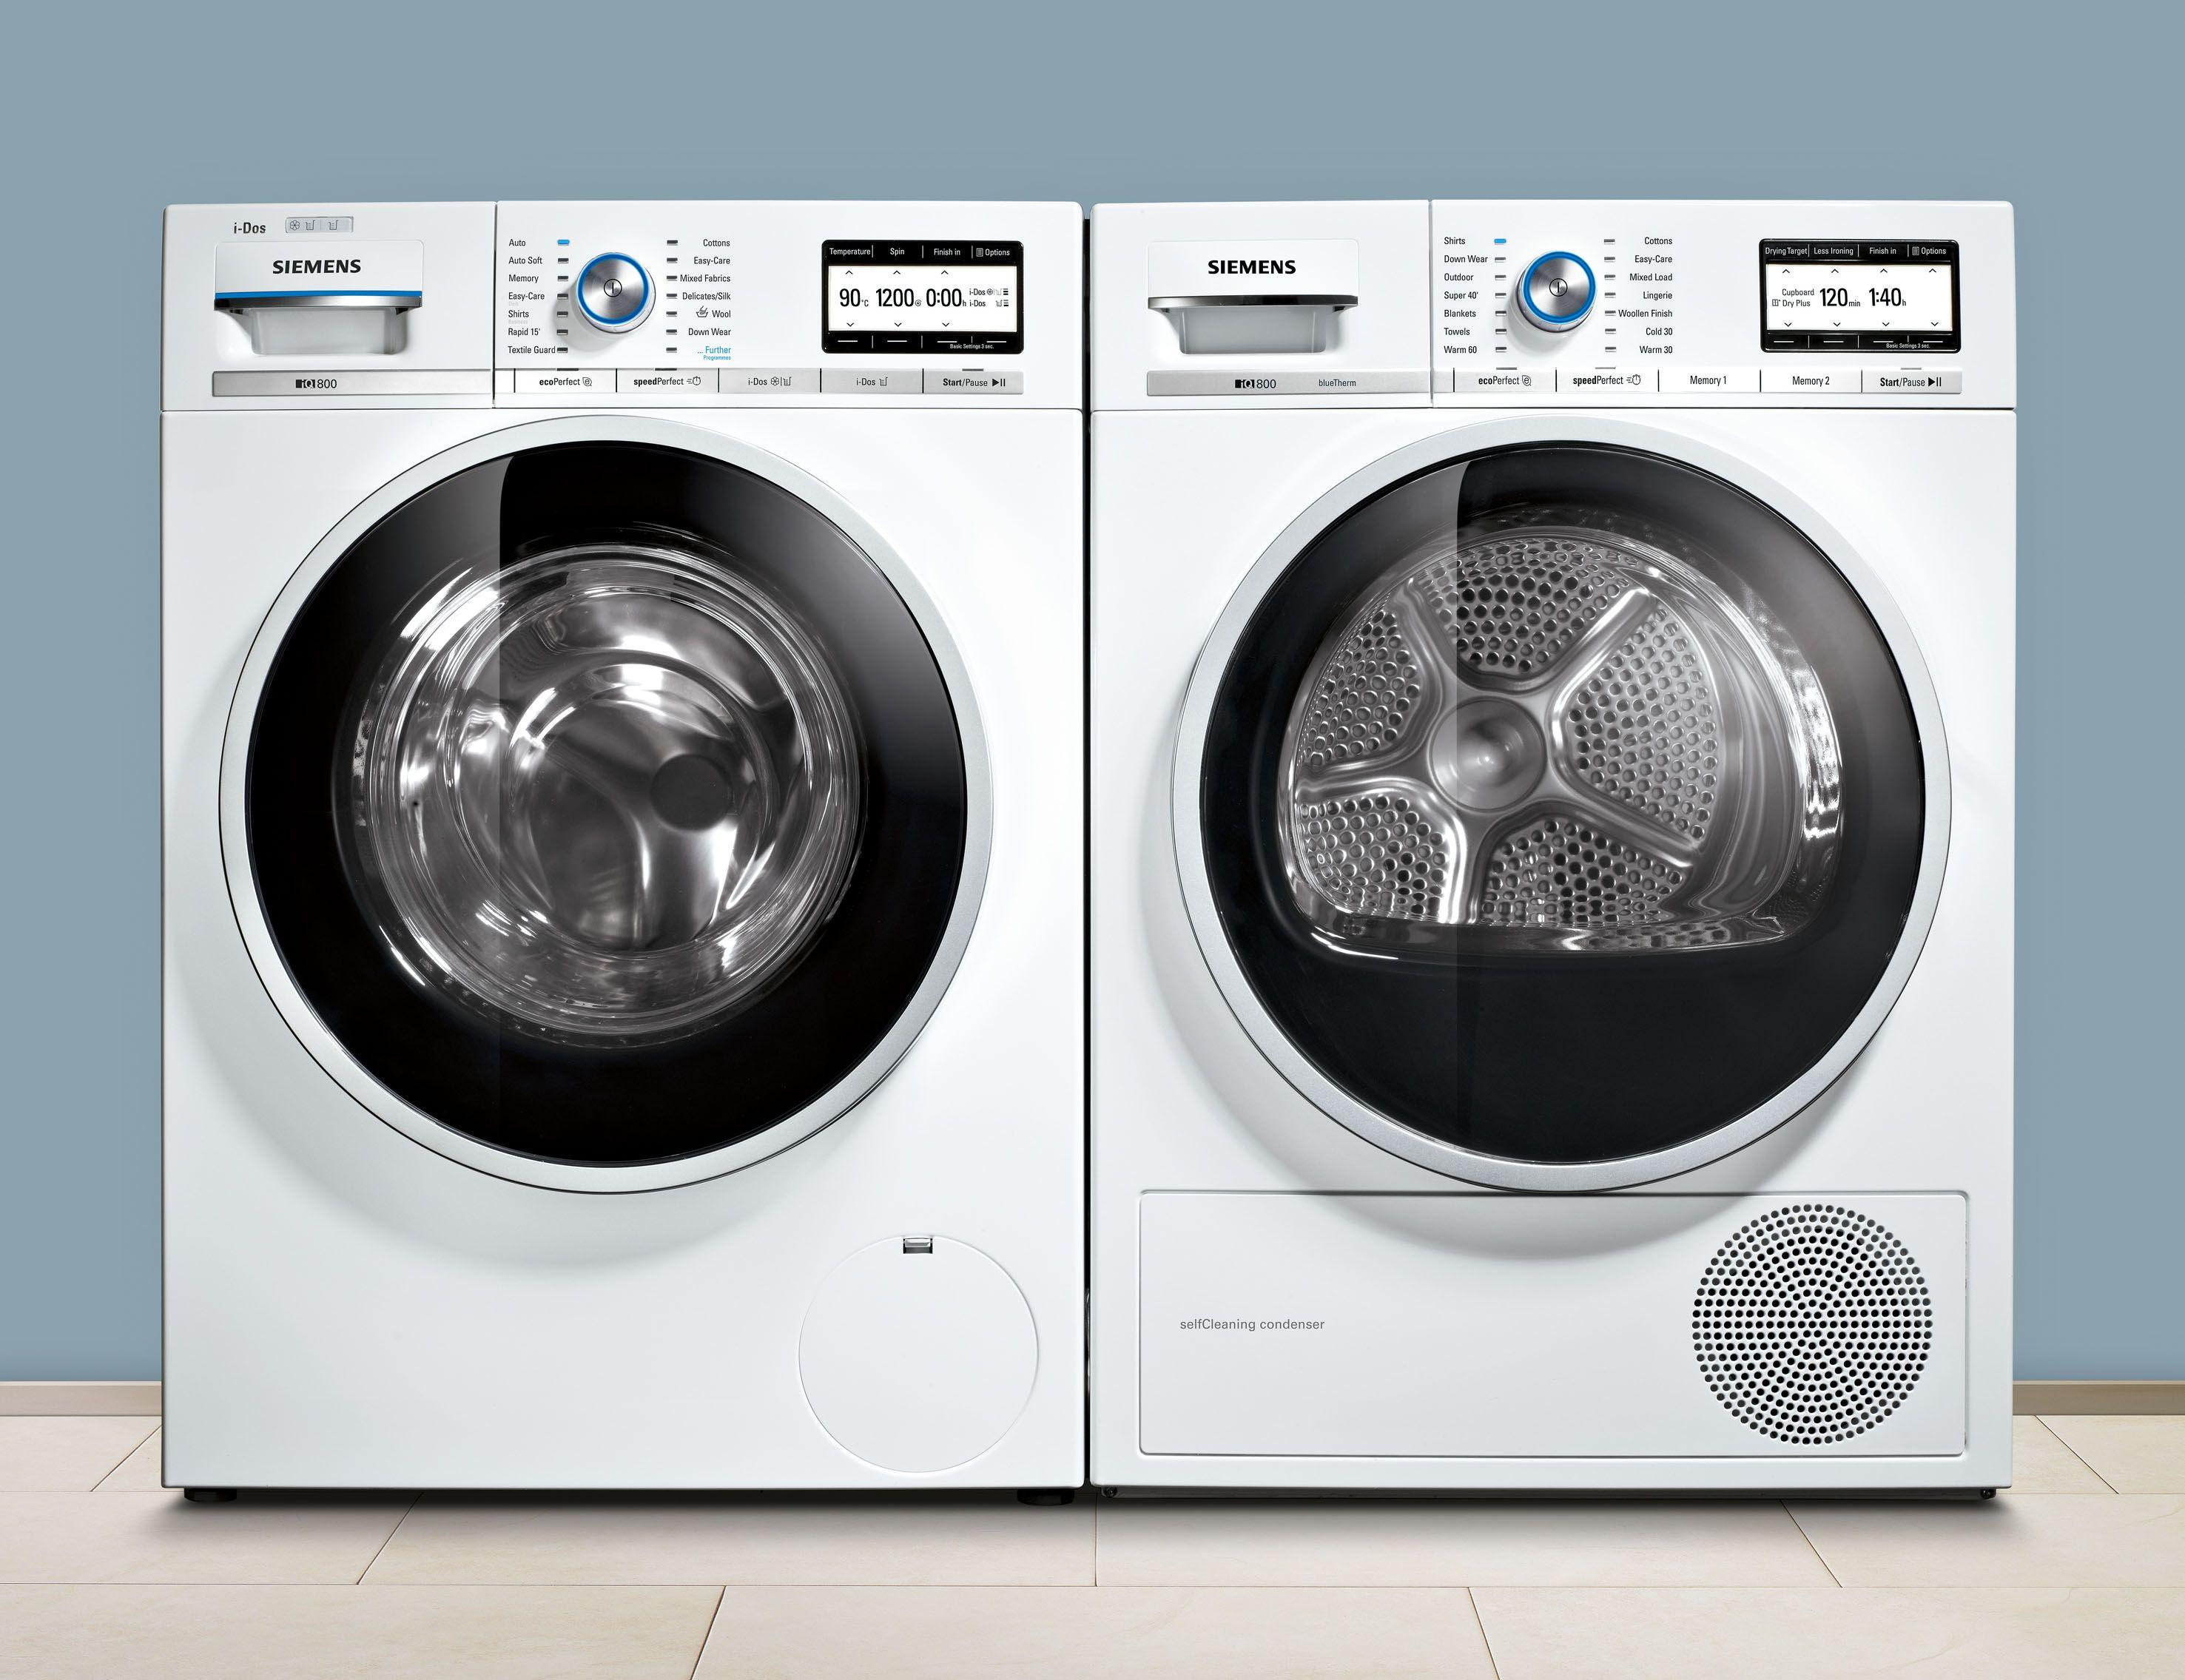 siemens iq800 masterclass washer dryer waschen und trocknen. Black Bedroom Furniture Sets. Home Design Ideas